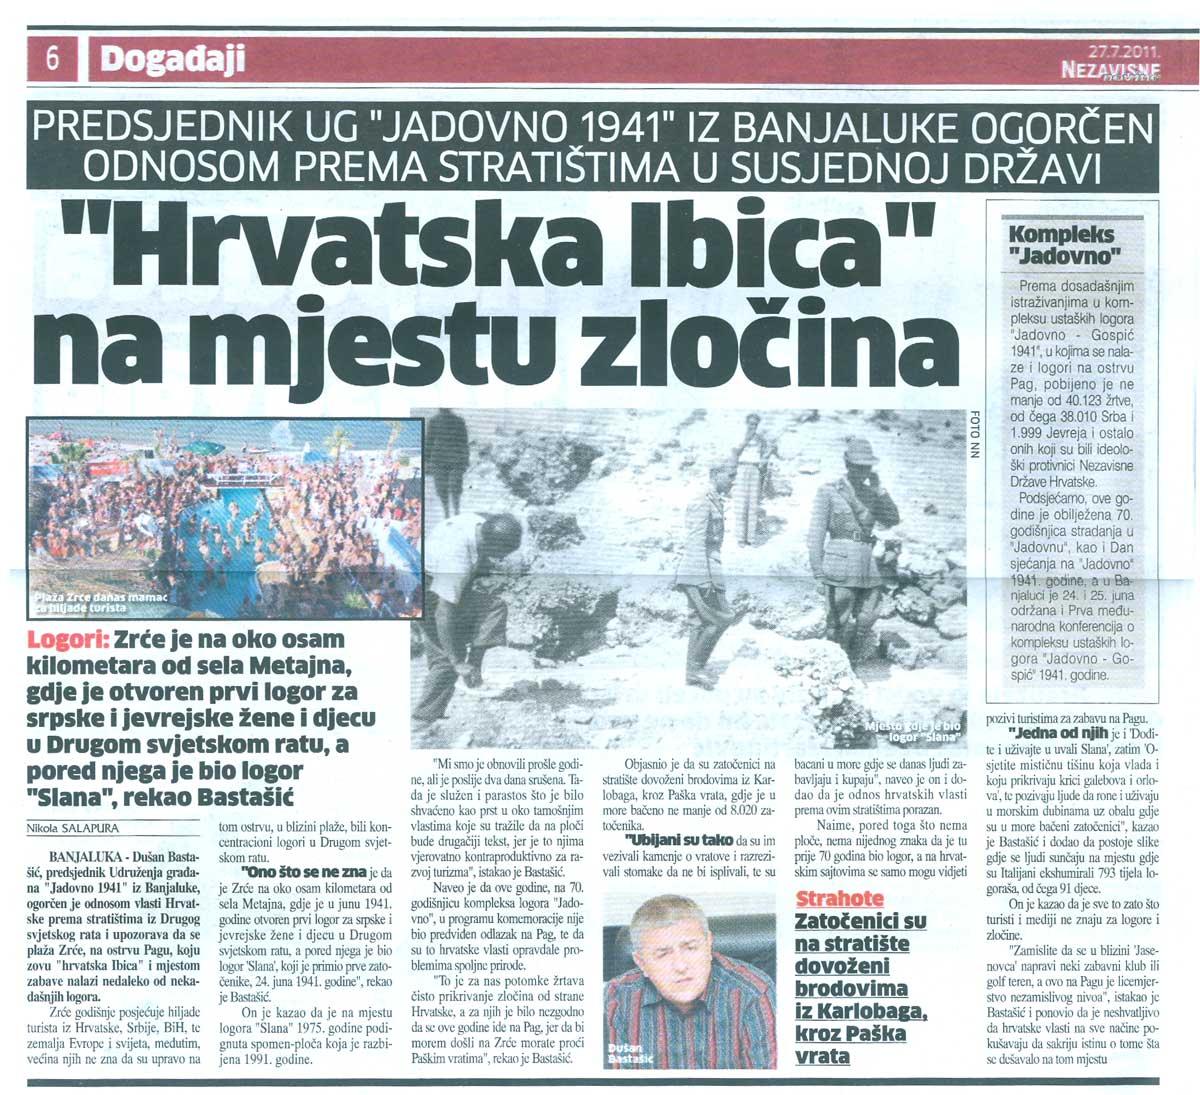 Јадовно - Независне новине чланак 07 2011